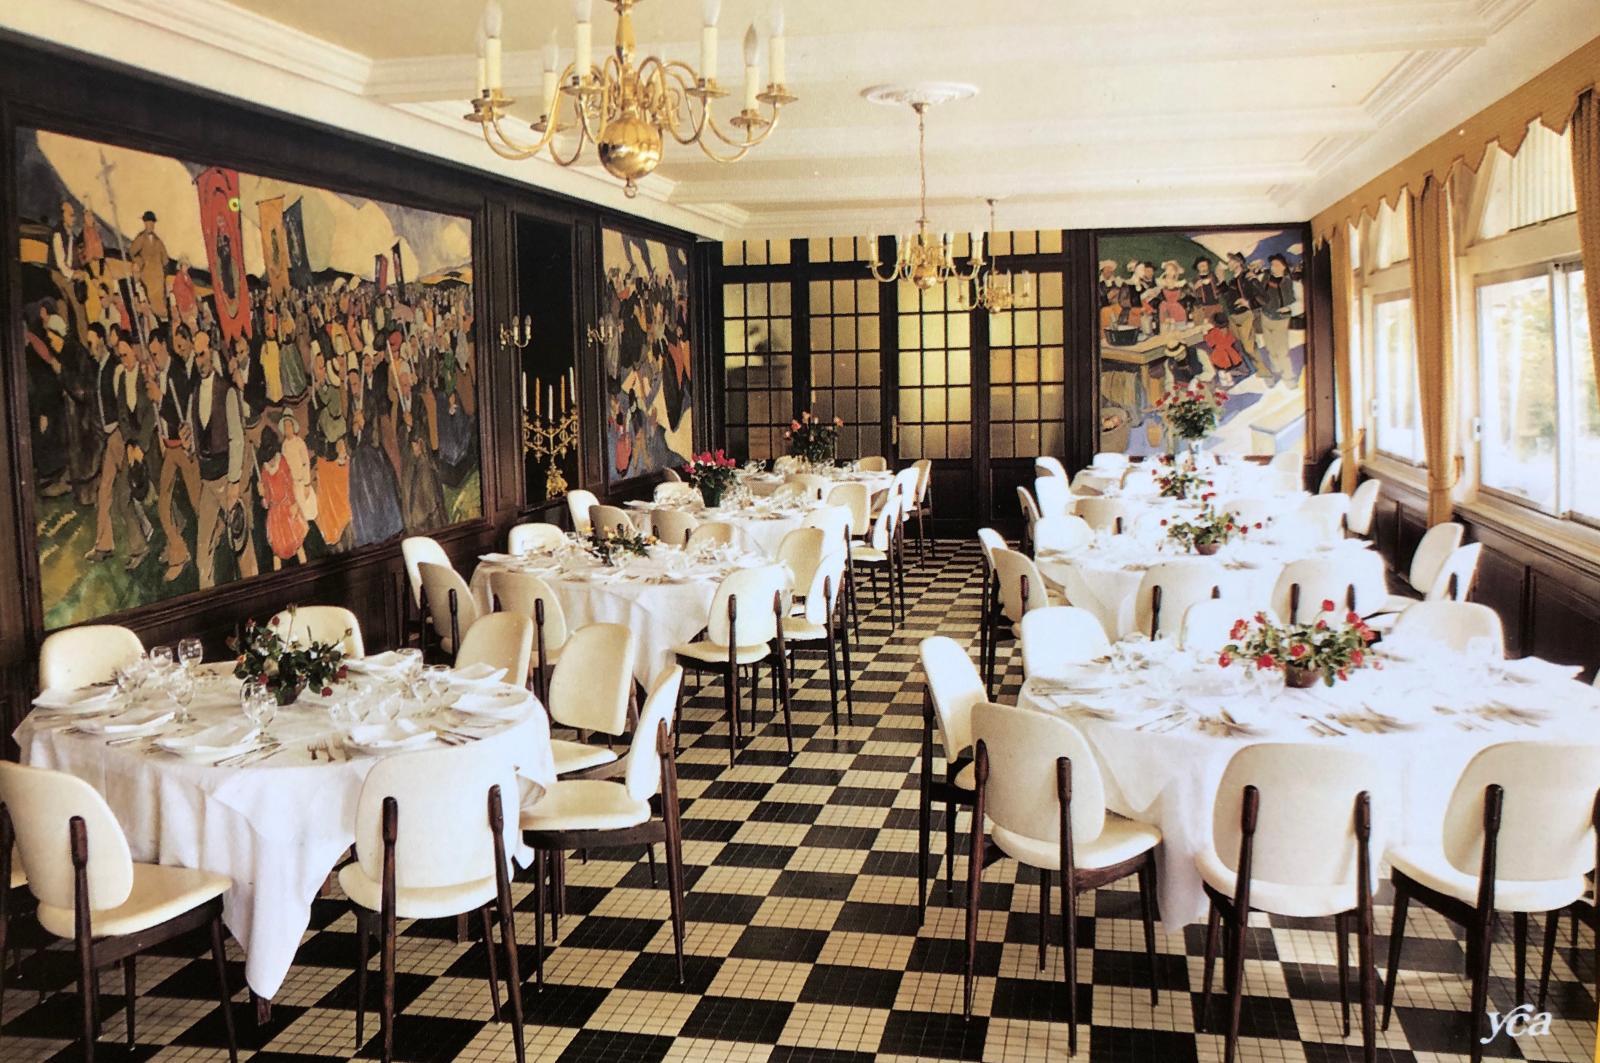 La salle à manger de l'hôtel Ker-Moor, Bénodet, carte postale des années 1960.